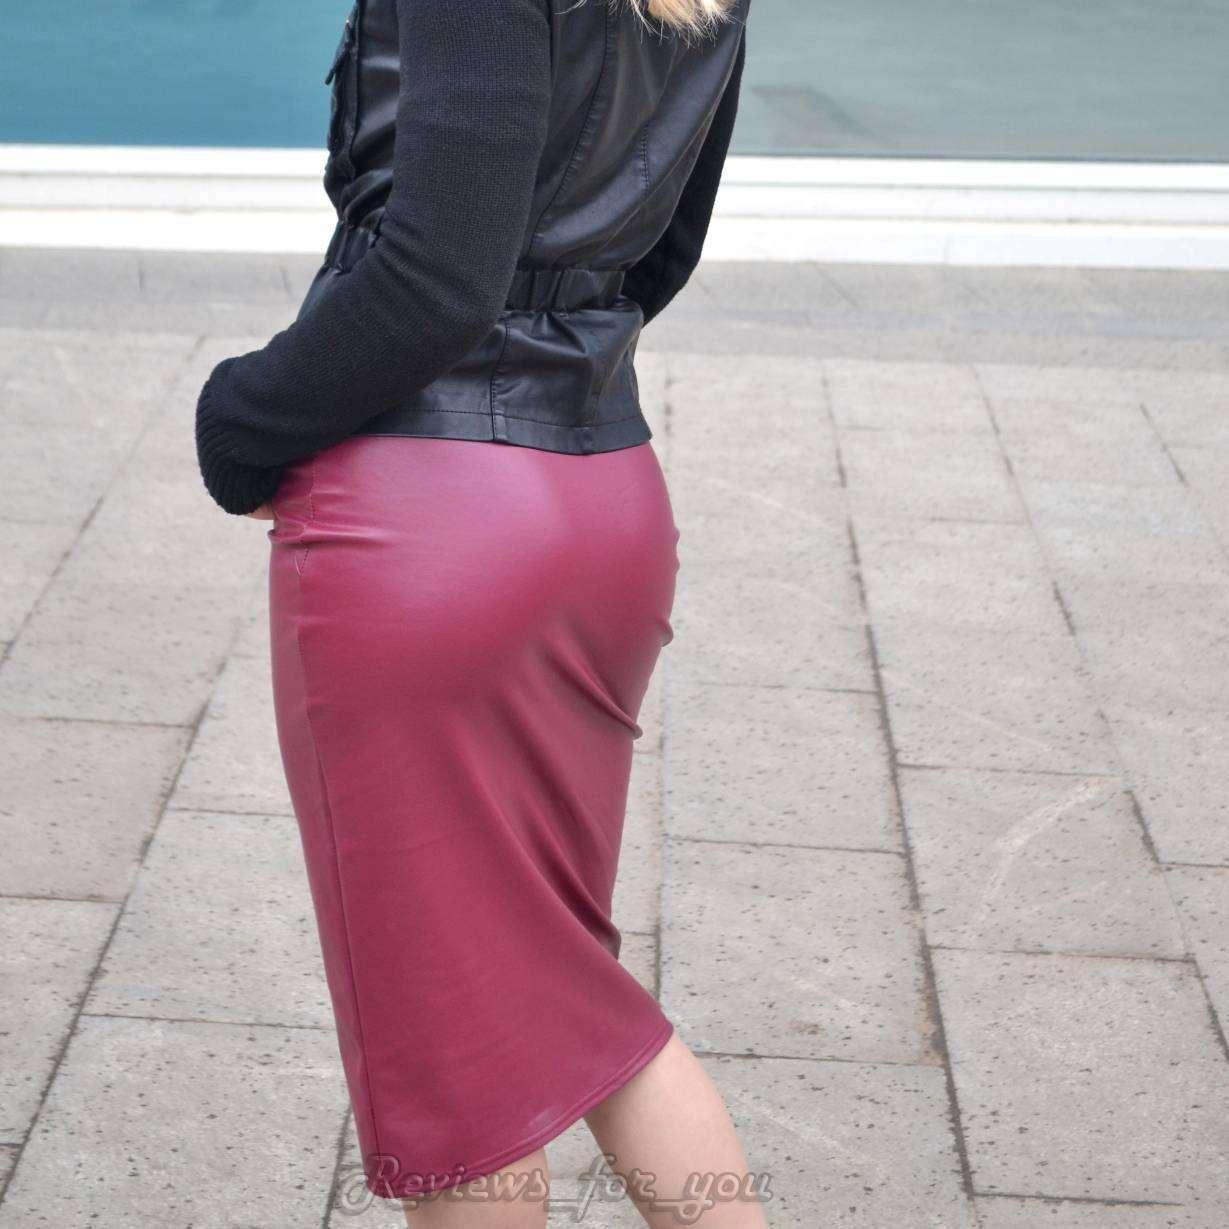 Aliexpress: Моя любимая юбка из кож.зама, отличное приобретение